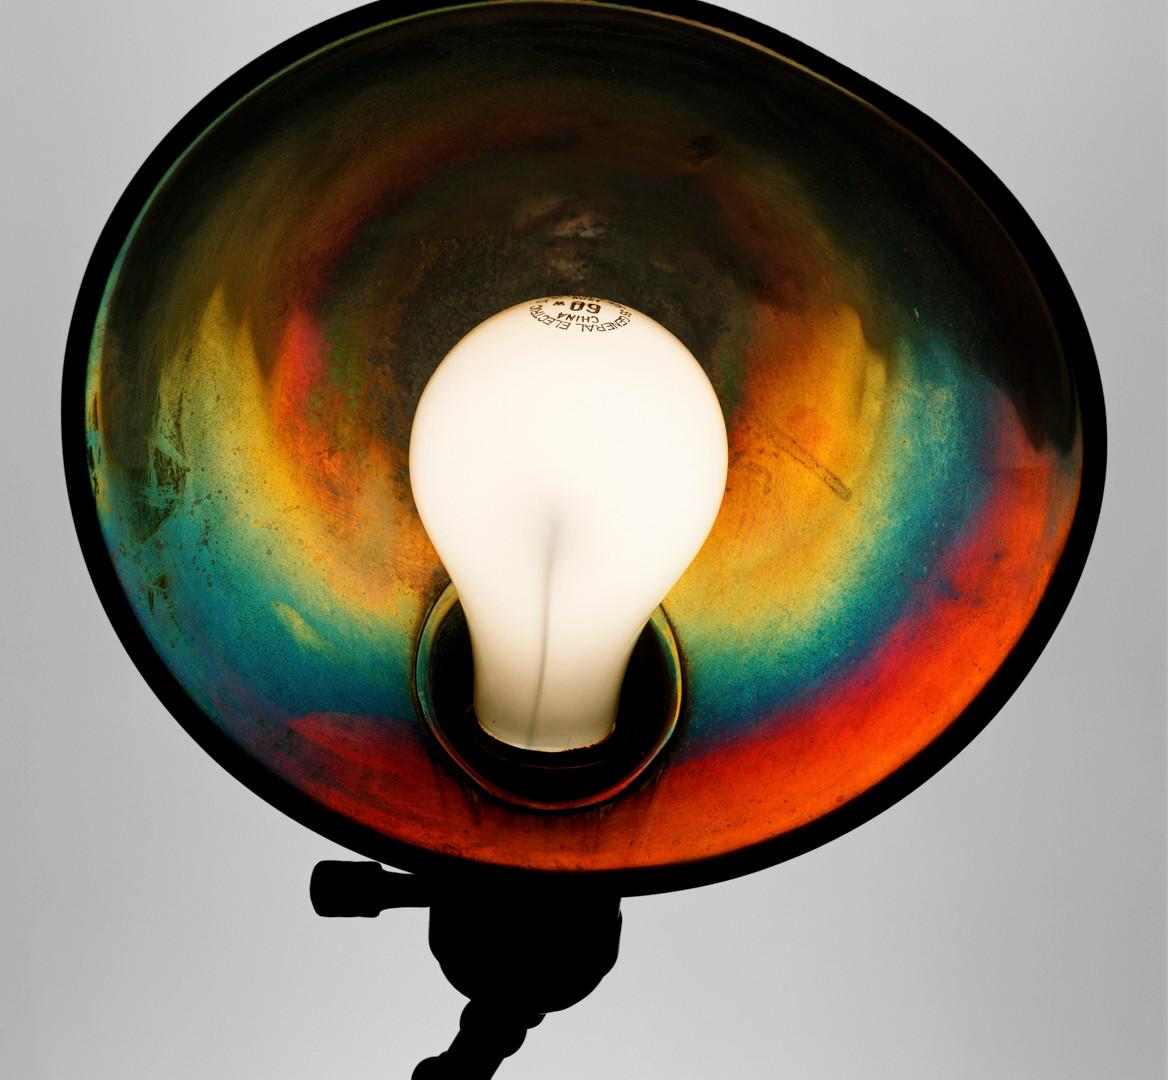 Irving Penn, Bedside Lamp, New York, 2006